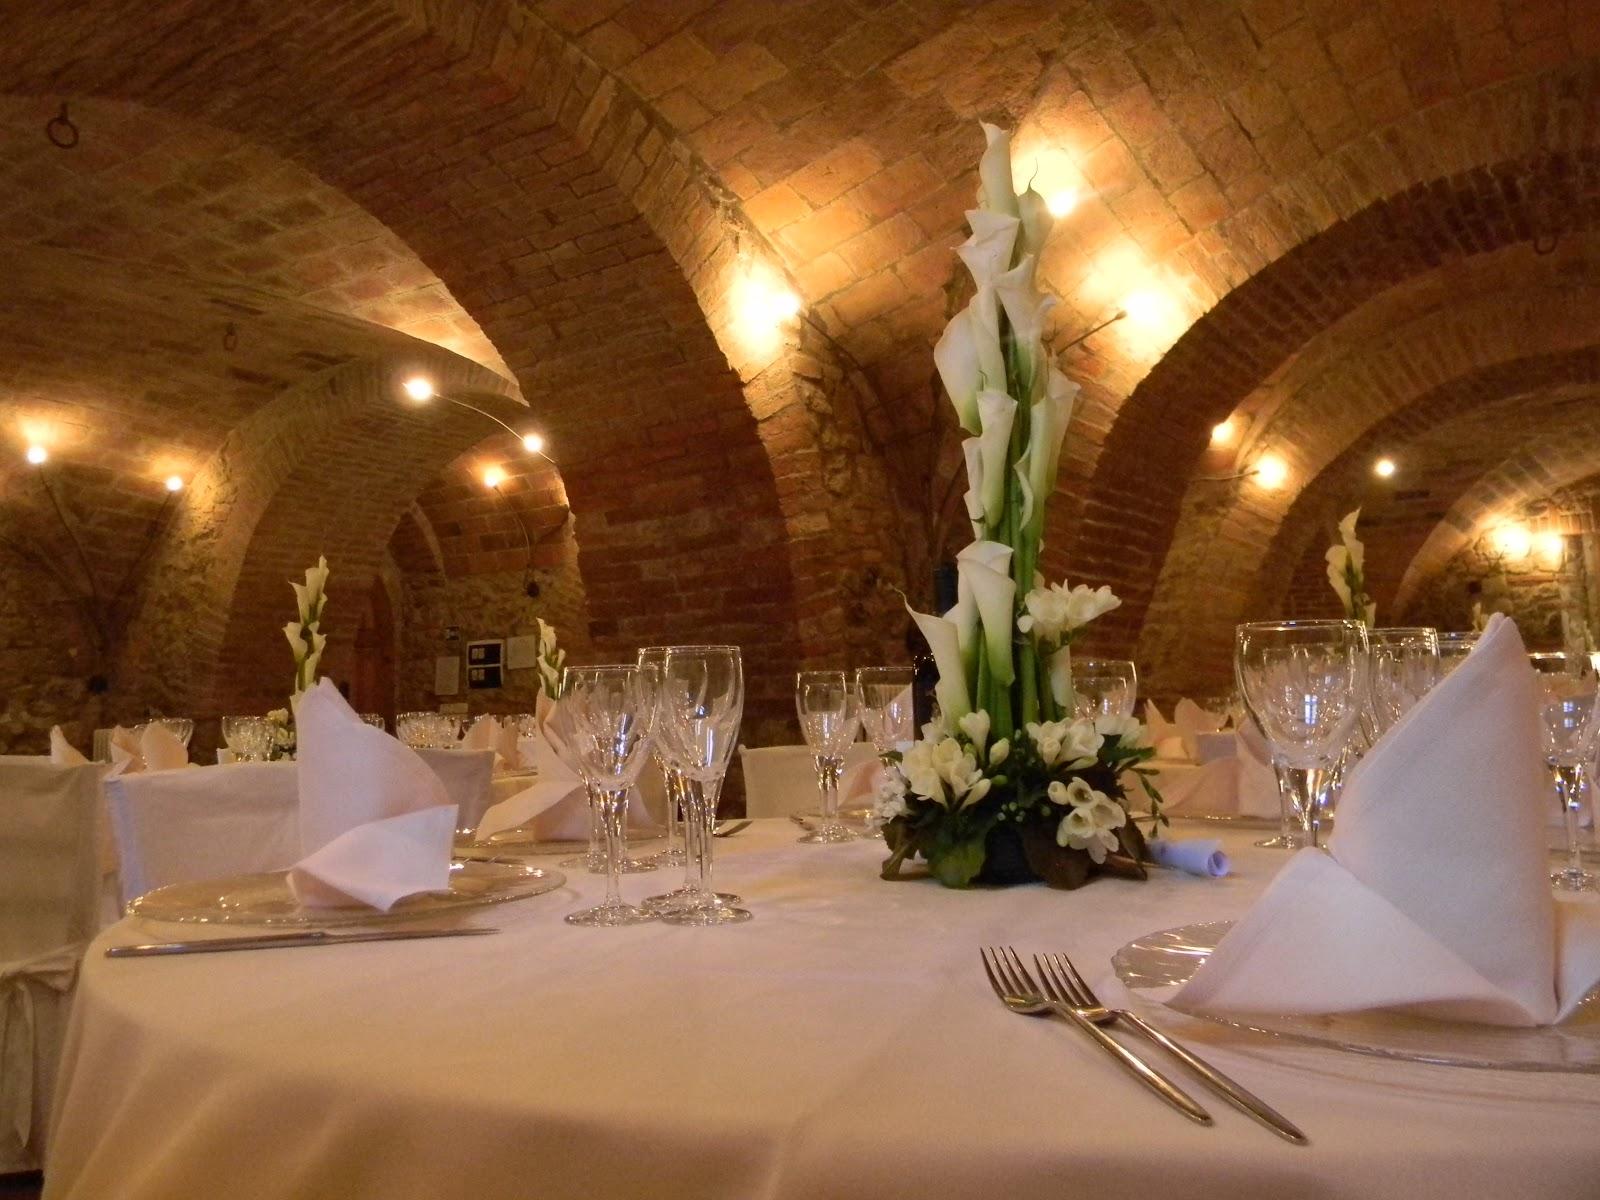 Matrimonio In Una Serra Toscana : Matrimonio invernale sposarsi in inverno il calore di